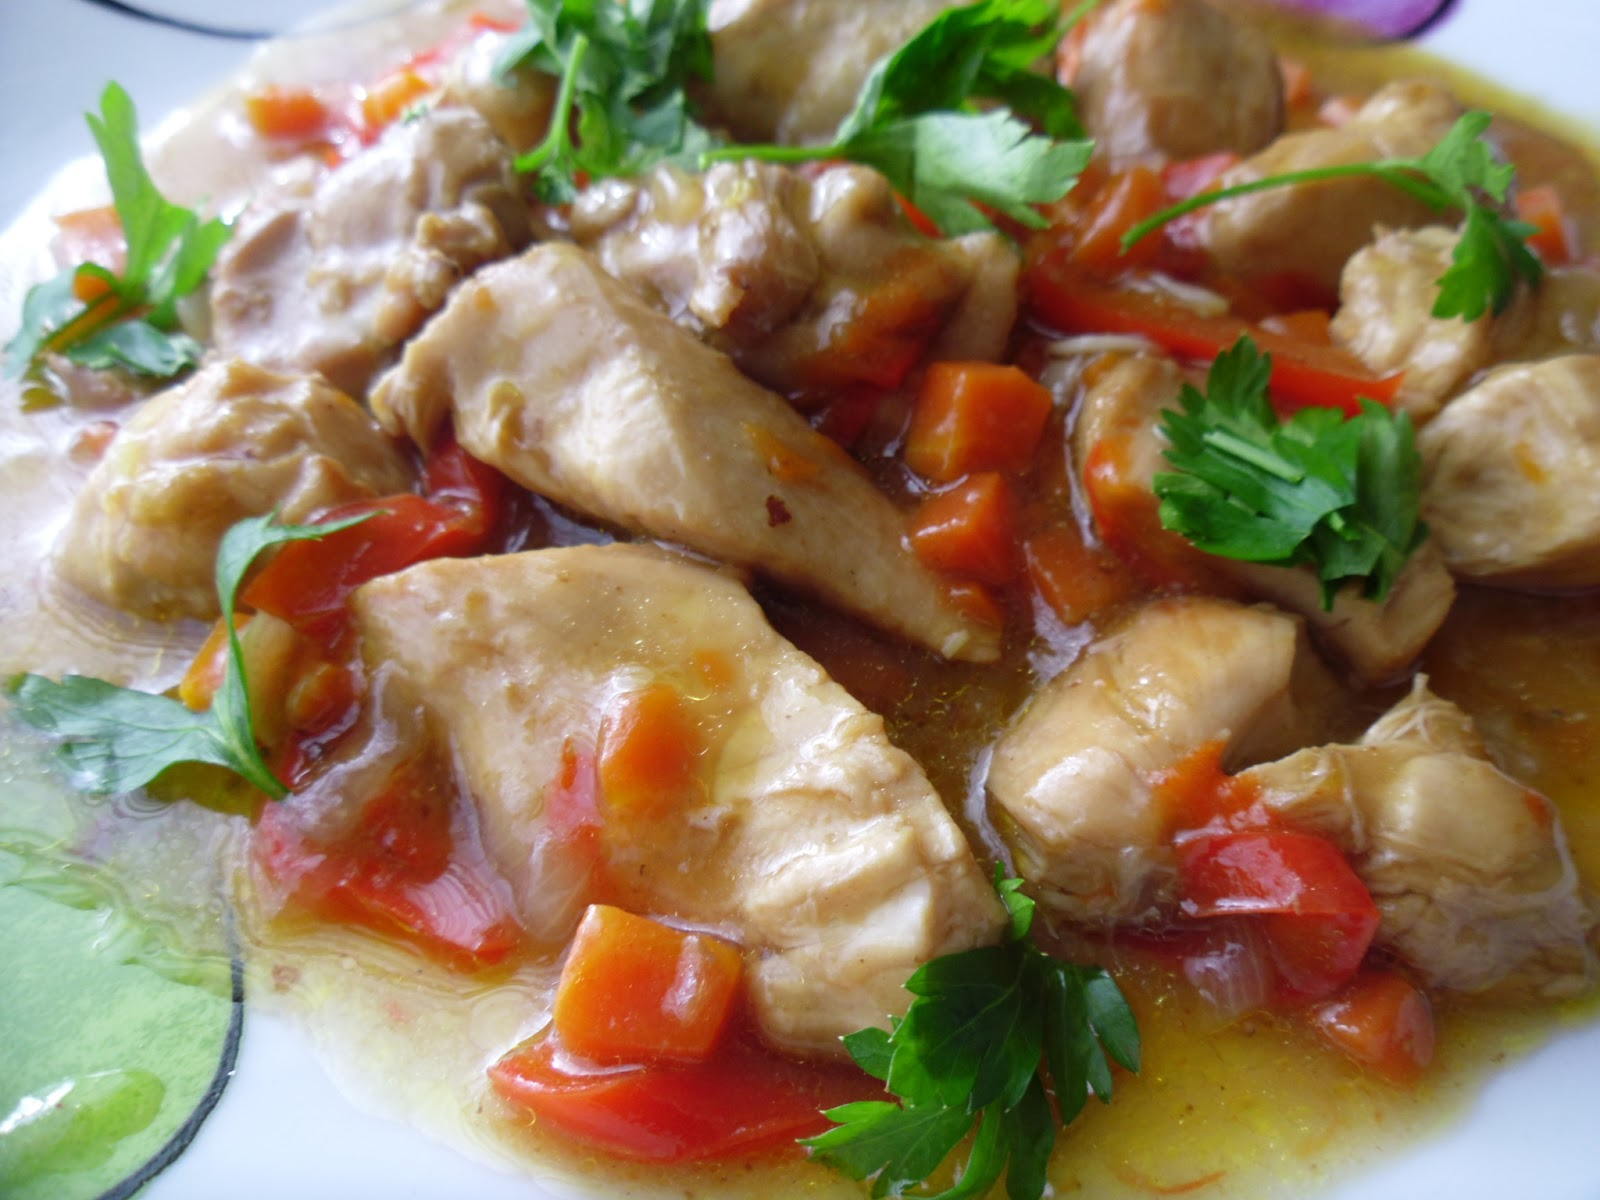 Филе курицы в кисло сладком соусе по-китайски рецепт пошагово